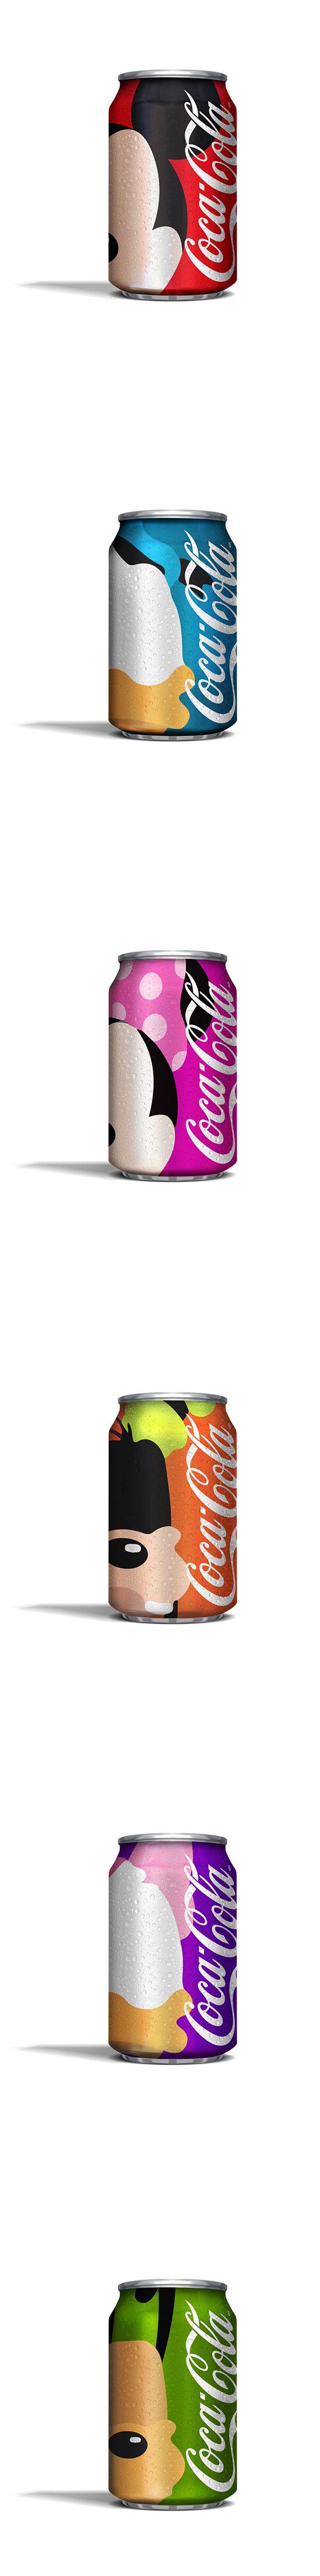 Disney Coke concept. Sublime.